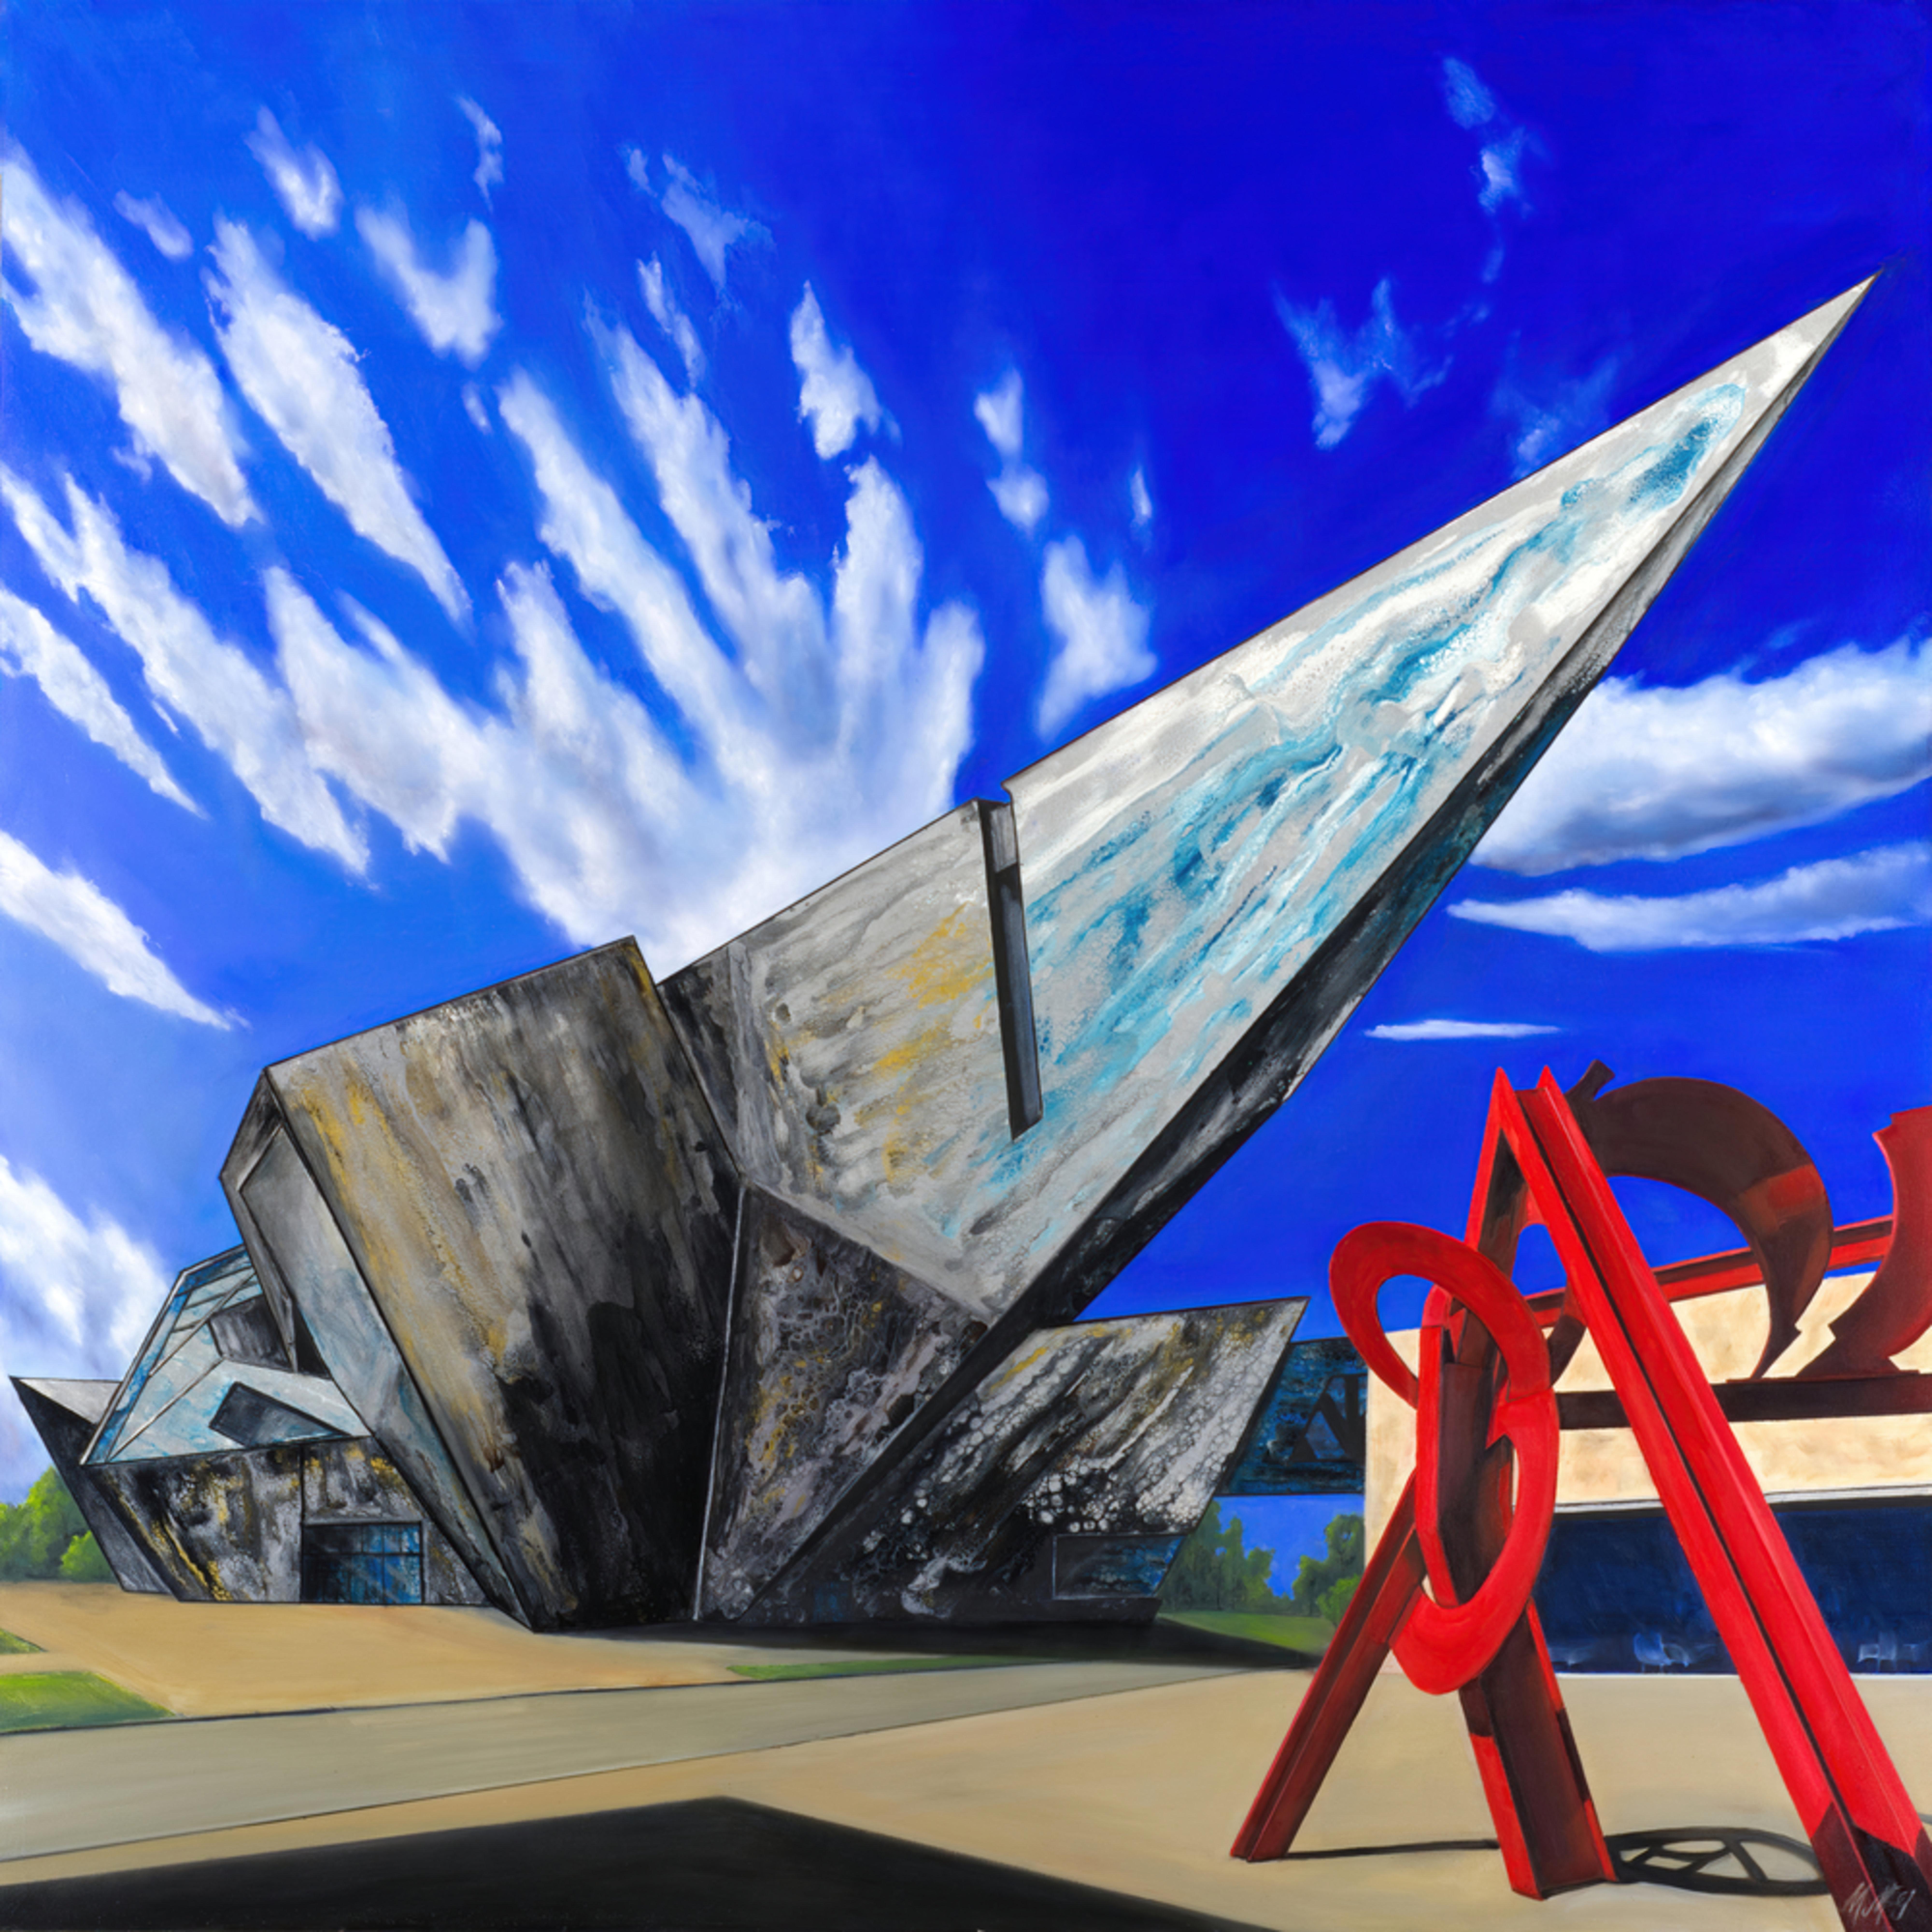 Denver art museum print2 zabght